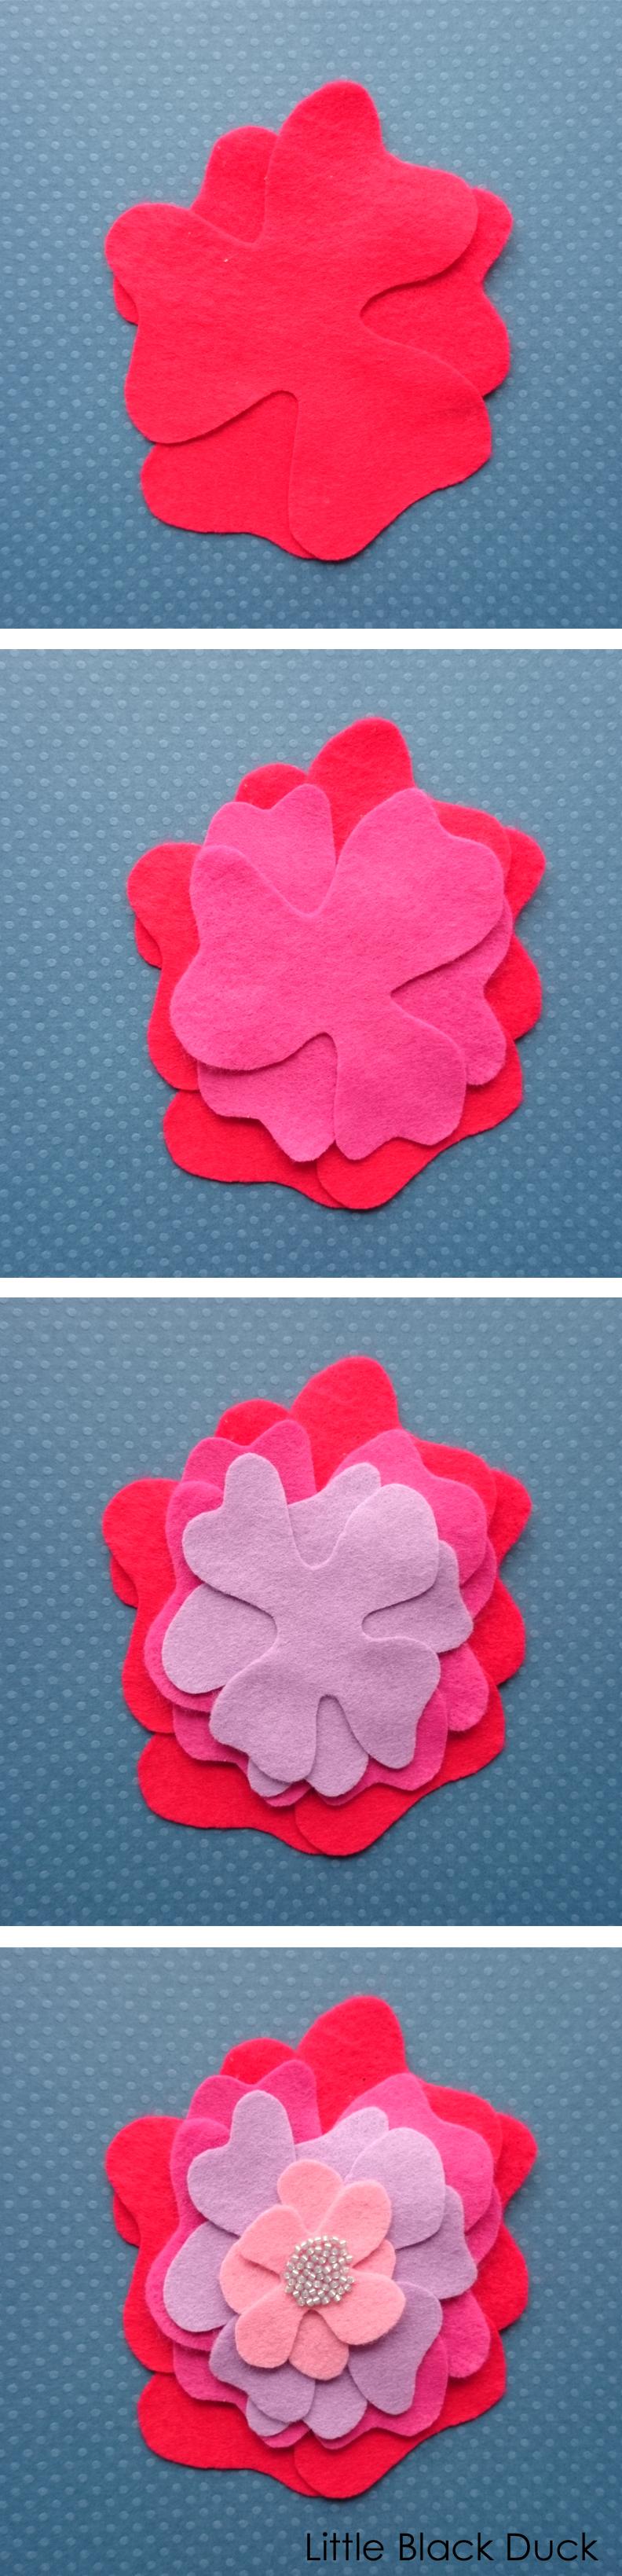 Layer the petals